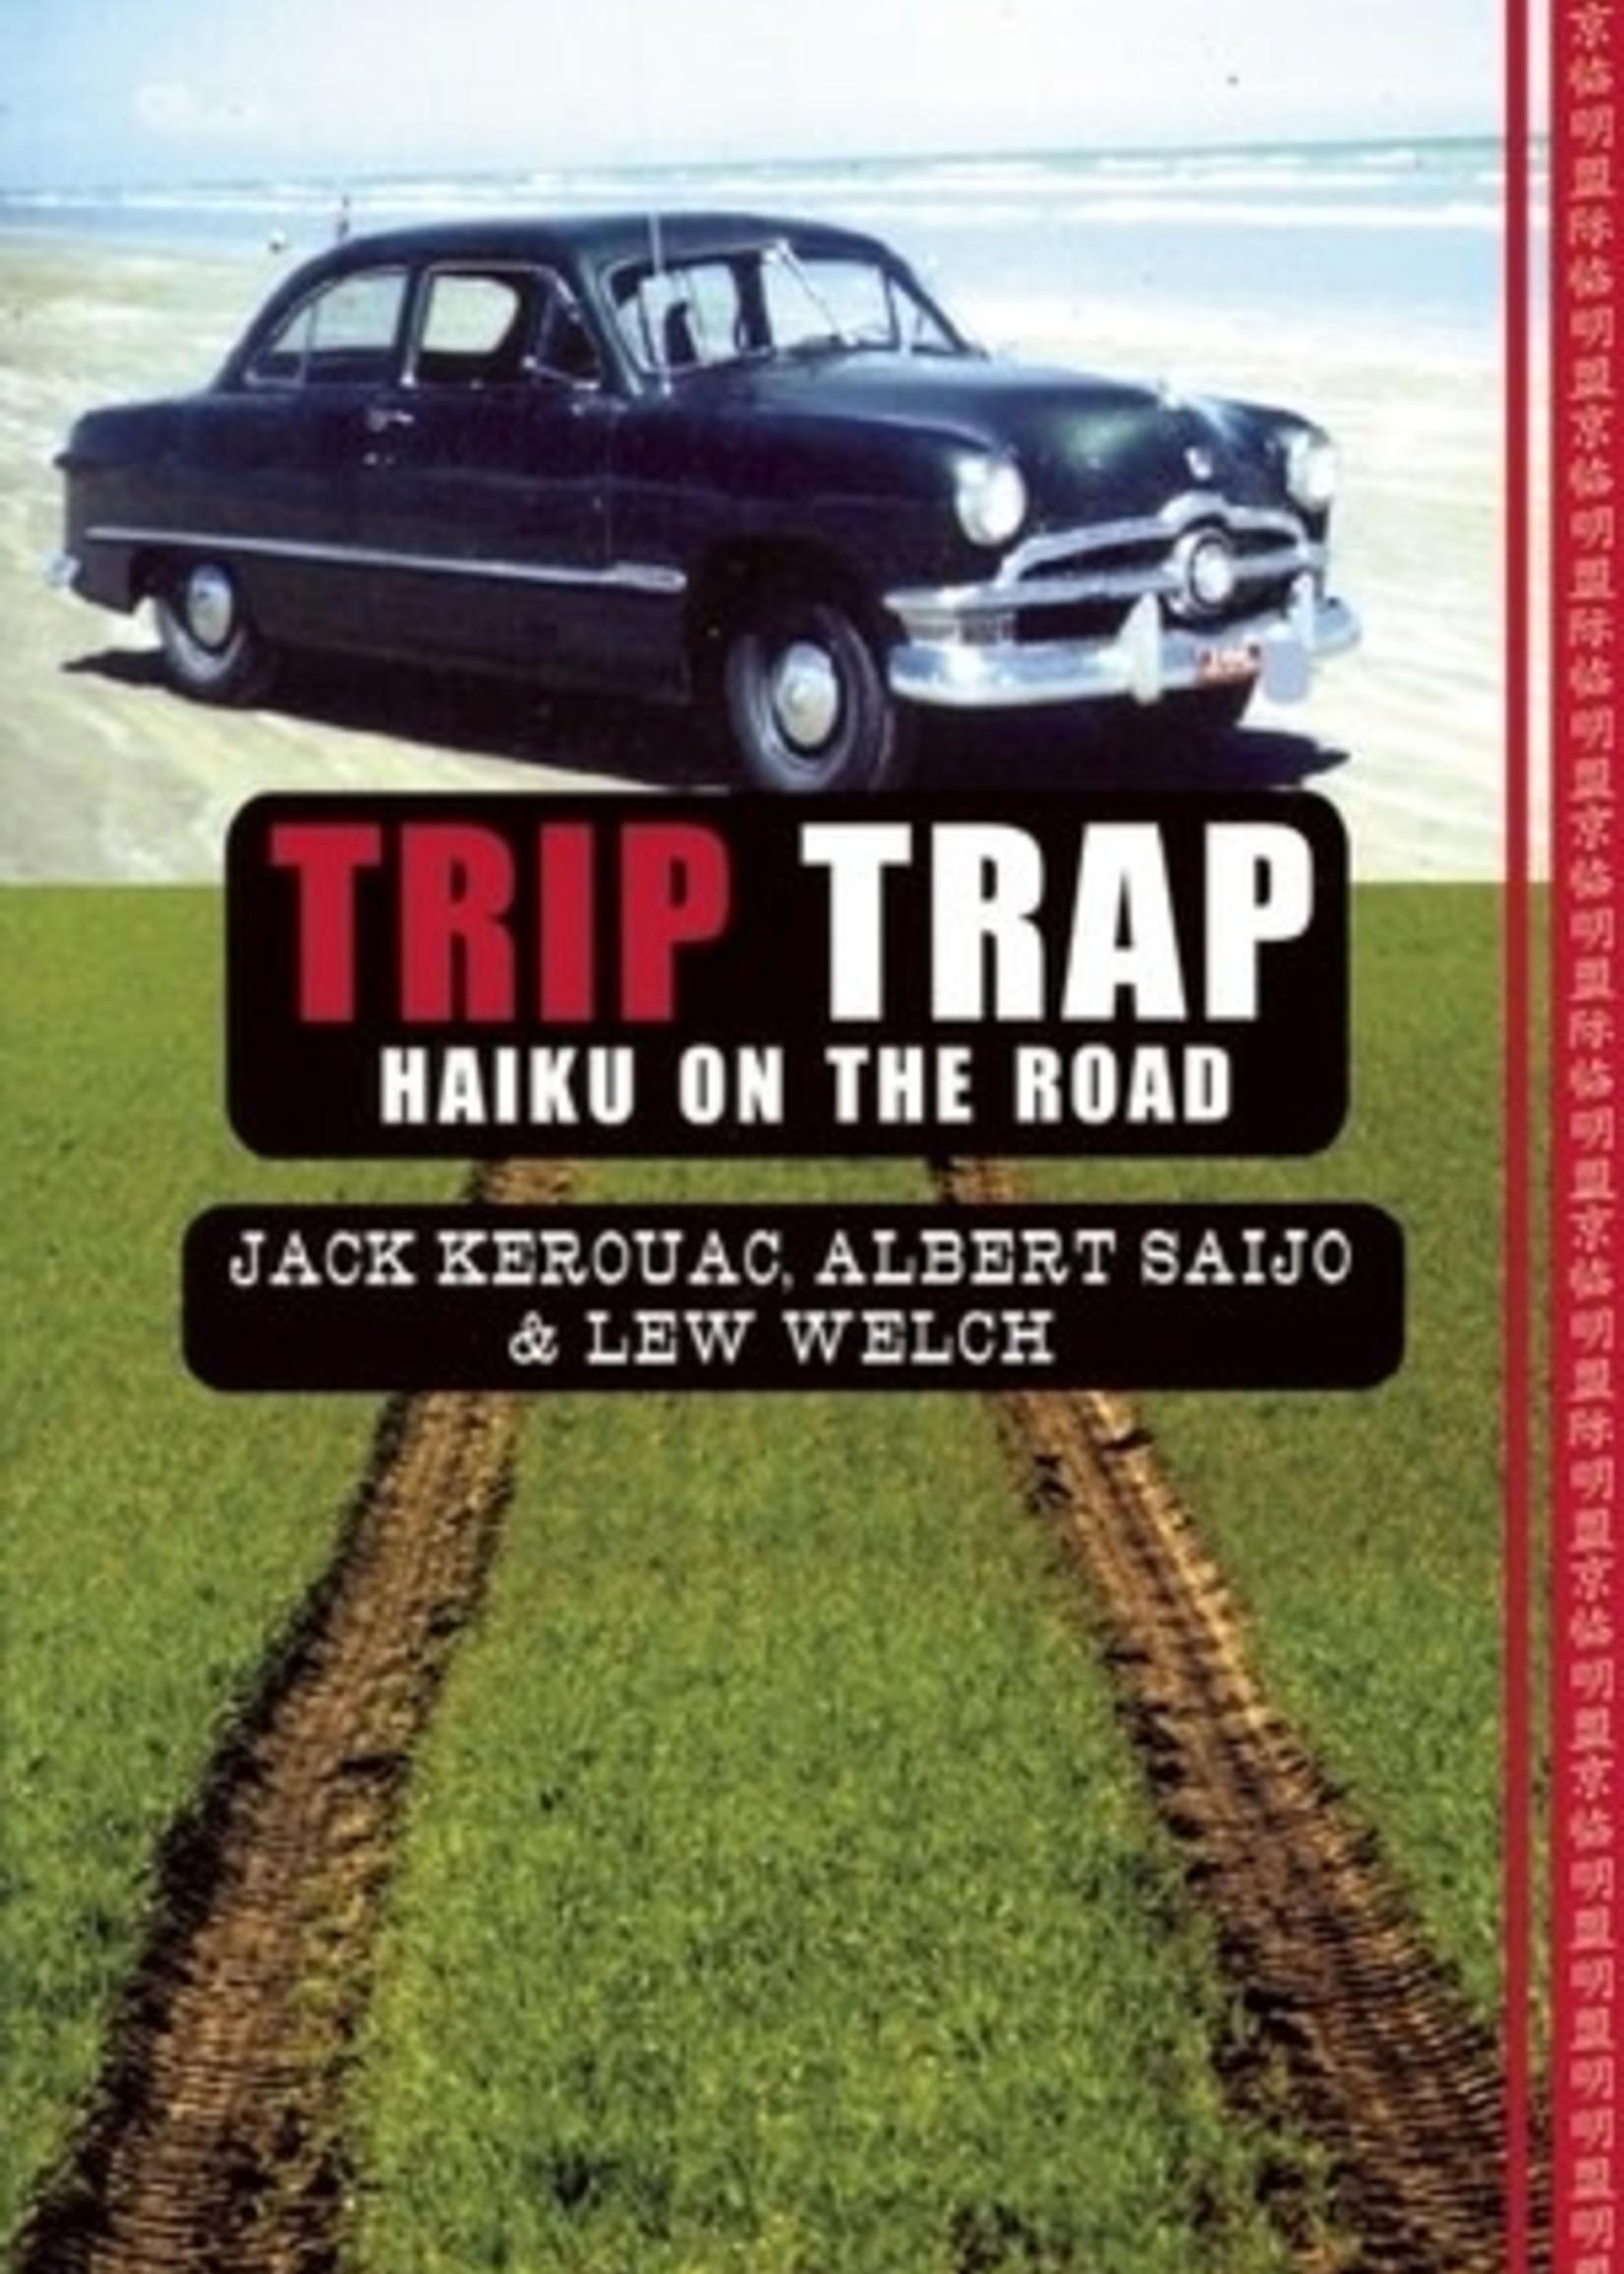 Trip Trap by Jack Kerouac, Albert Saijo, Lew Welch